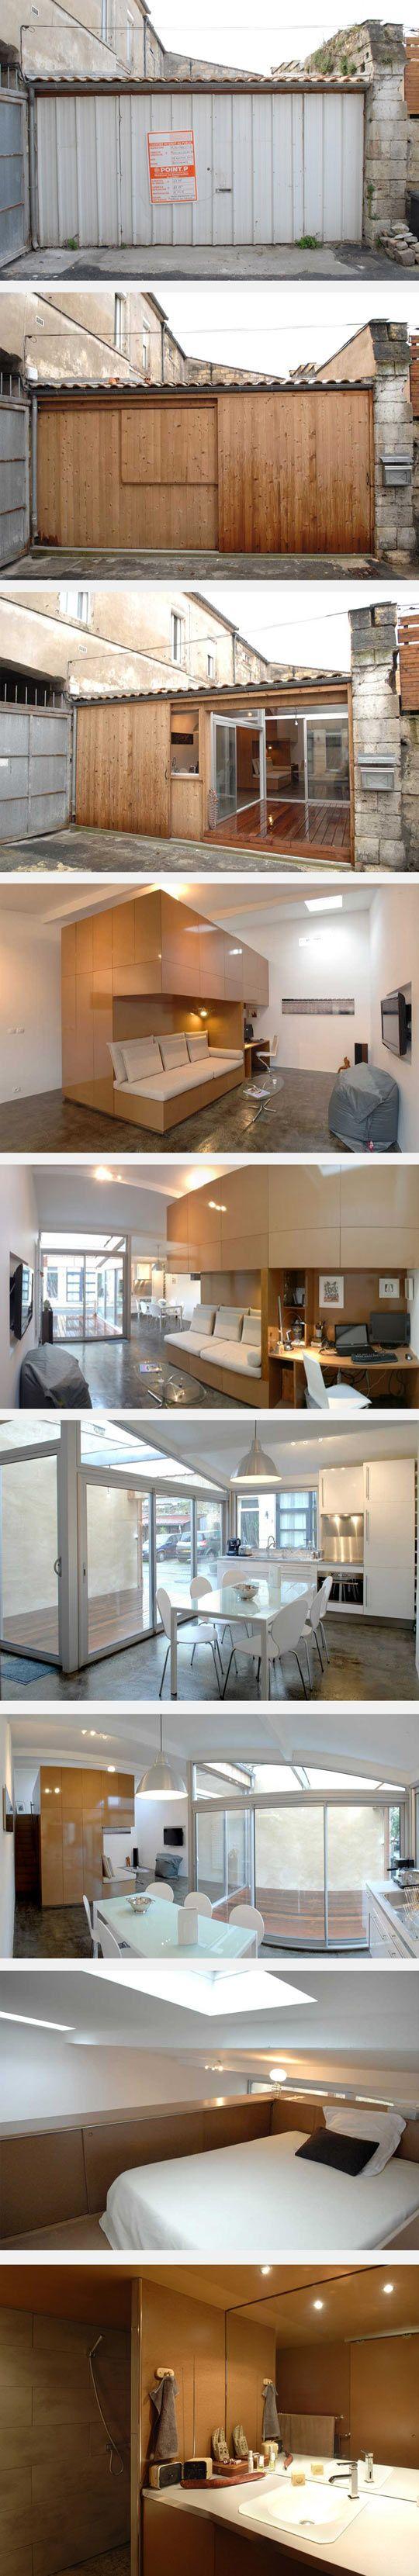 Converted Garage Apartment best 25+ garage apartments ideas on pinterest | garage apartment